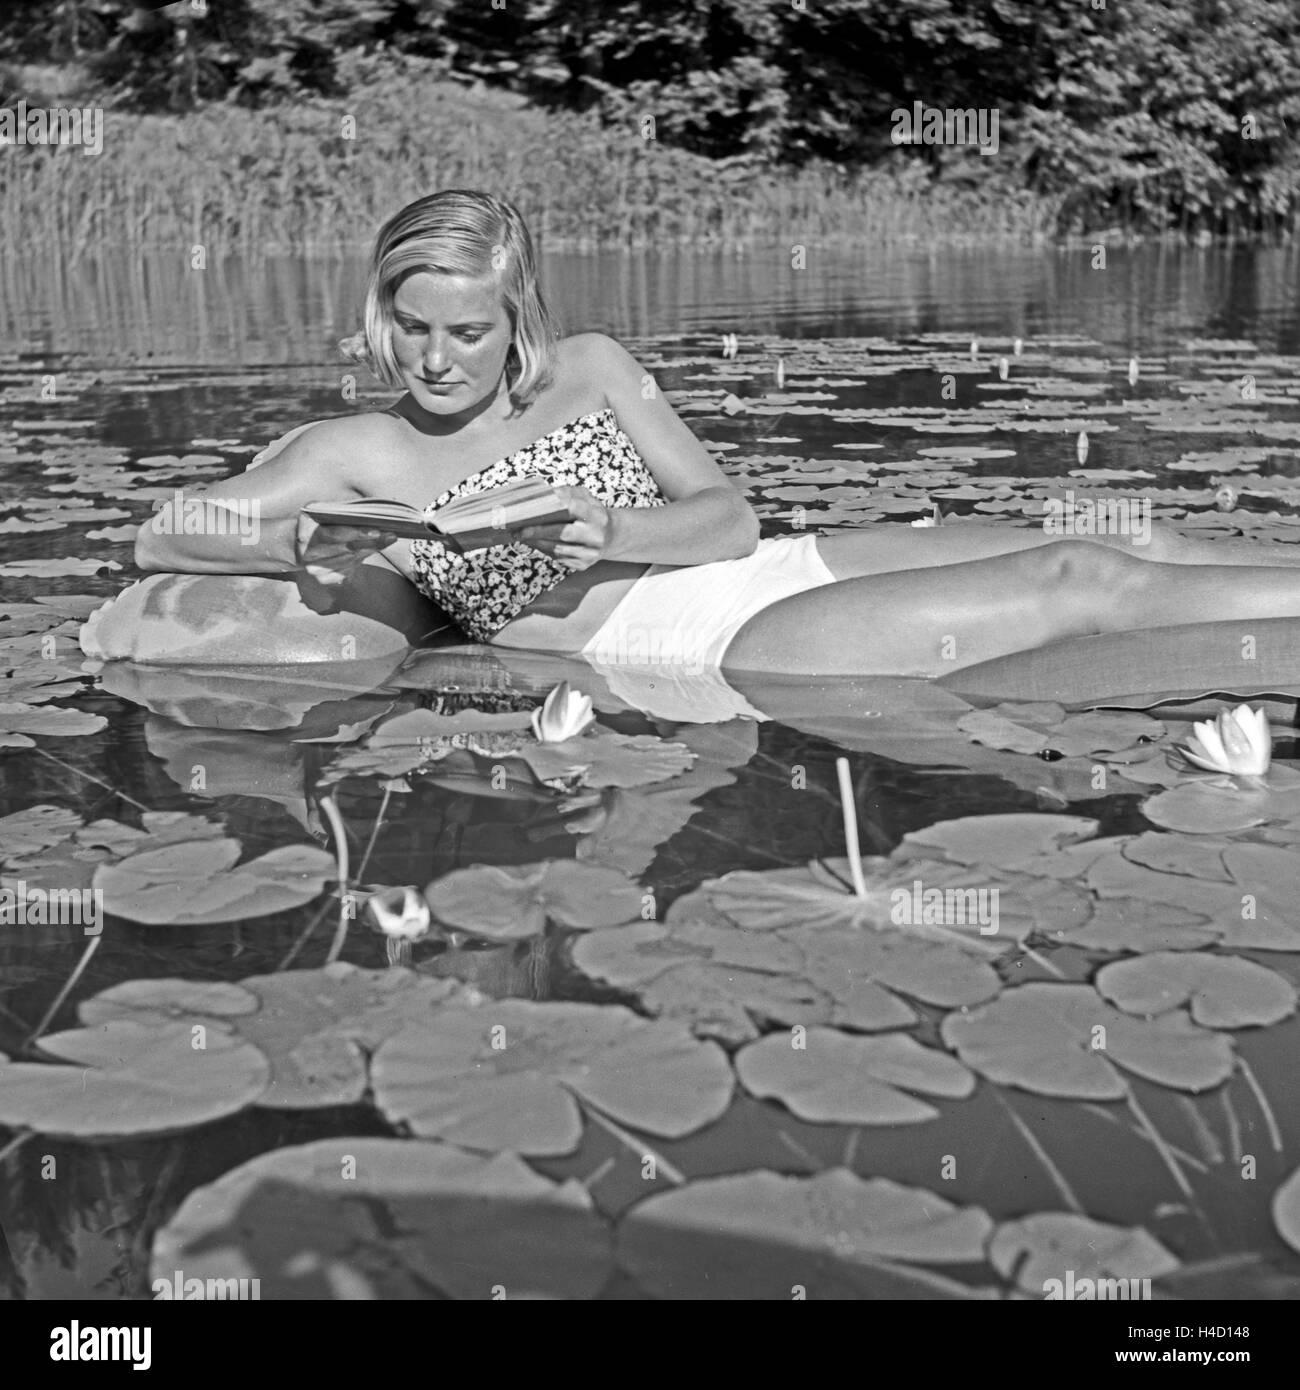 Eine Junge Frau Liegt Auf Einer Luftmatratze Inmitten Eines Seerosenteichs, 1930er Jahre Deutschland. Eine junge Stockbild